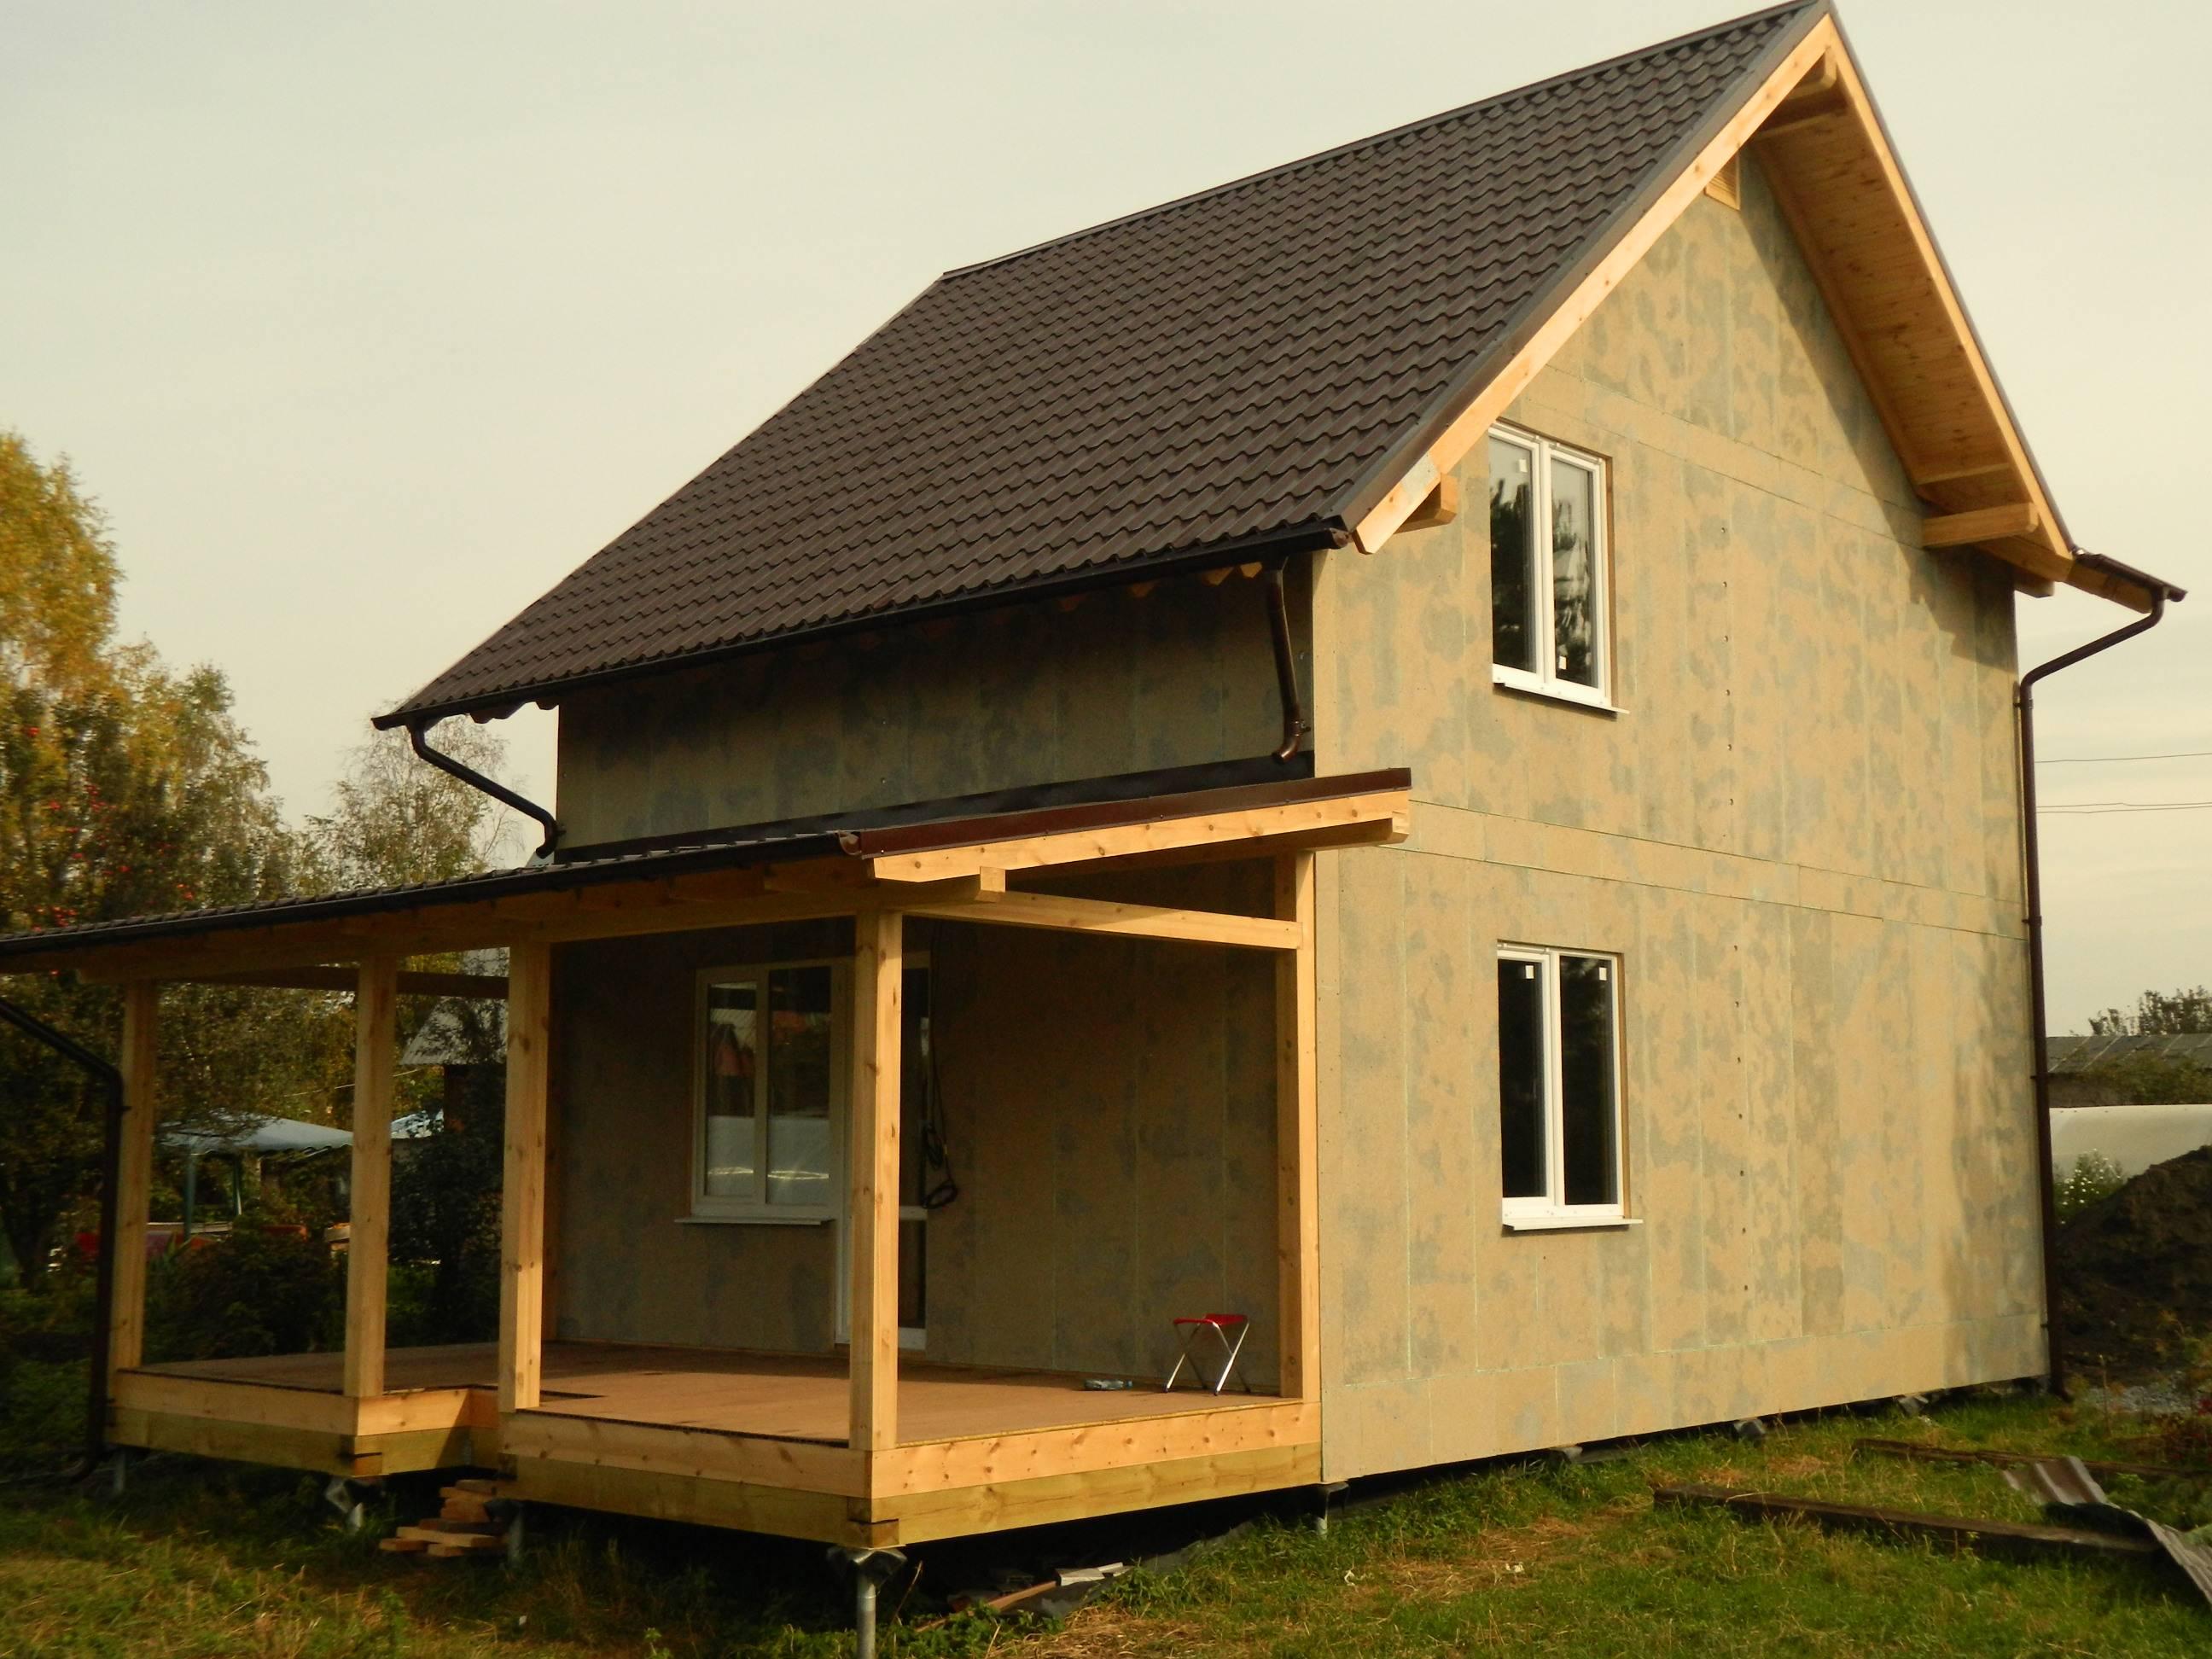 Каркасный домик своими руками: пошаговая инструкция